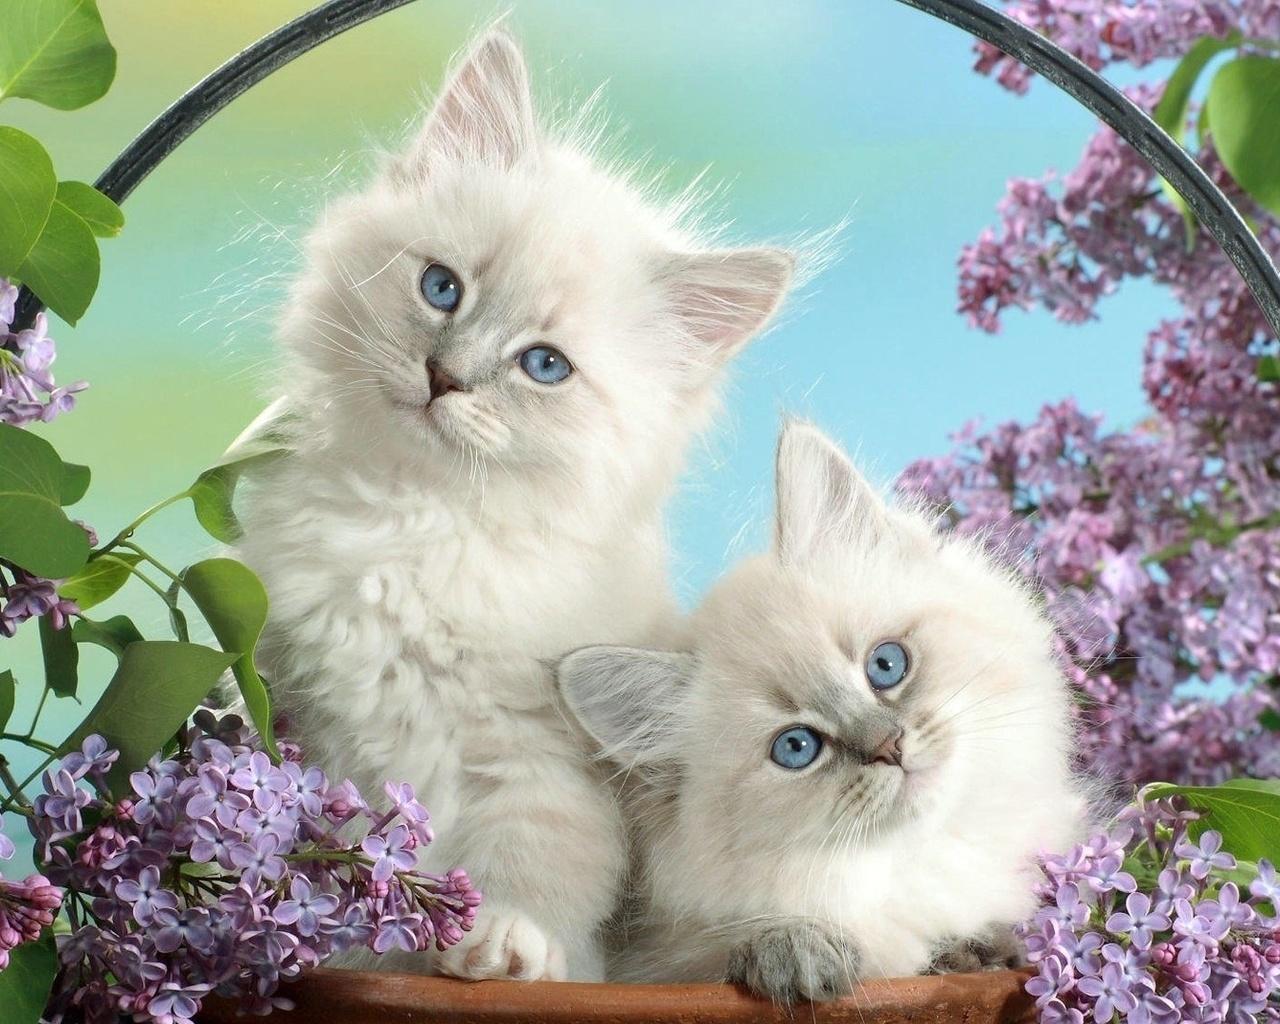 картинки на телефон движущиеся с котятами себе процесс создания